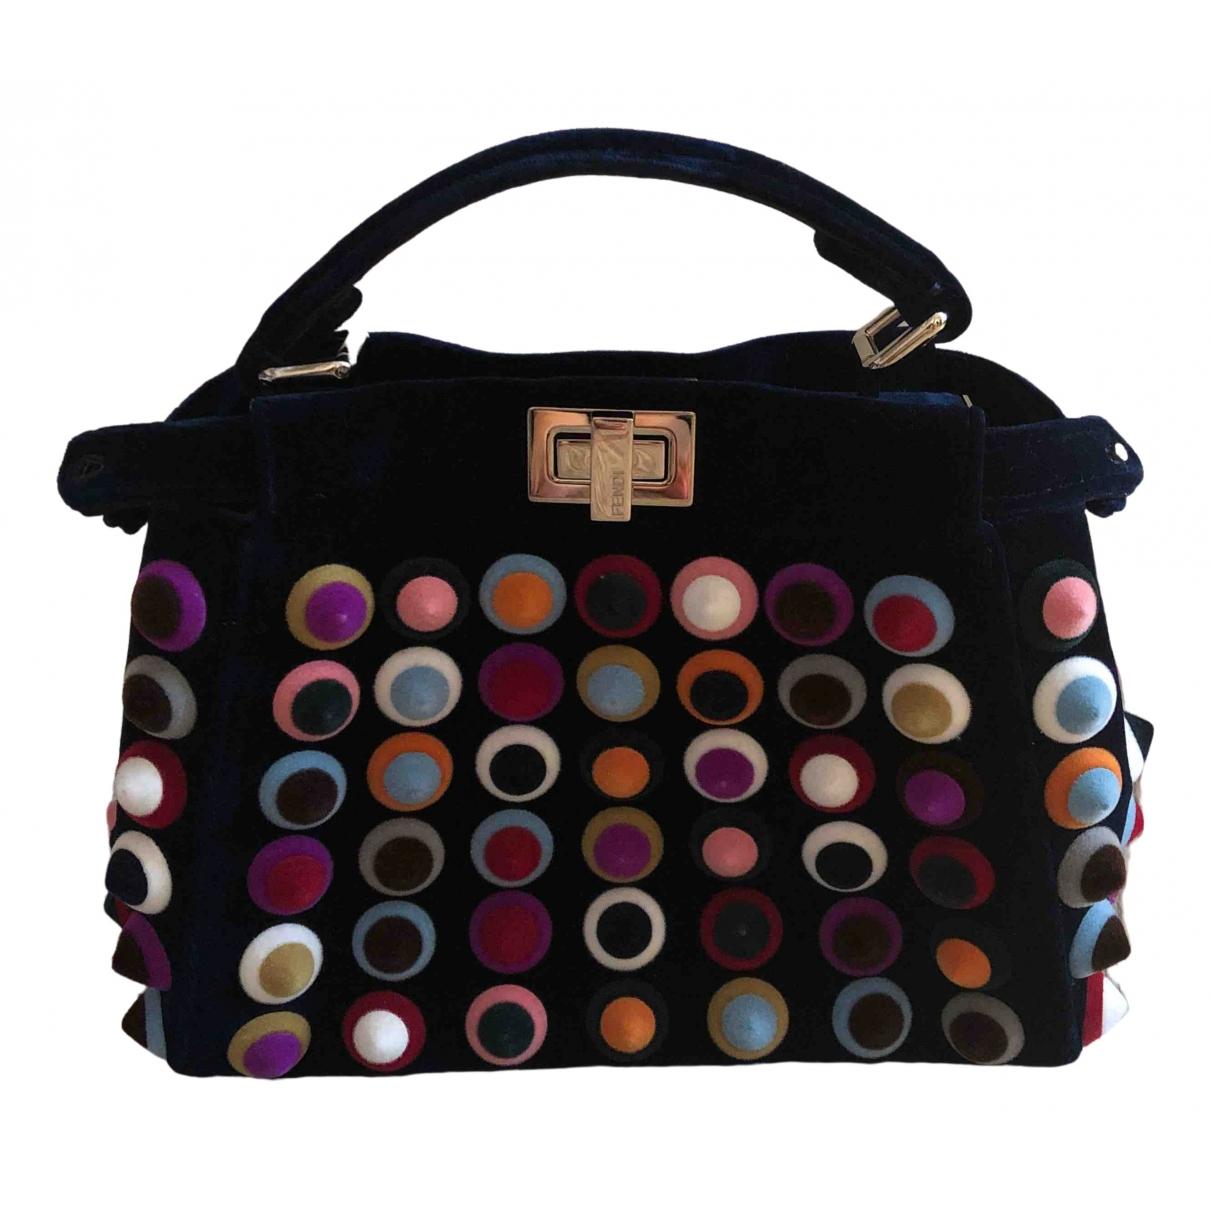 Fendi Peekaboo Handtasche in  Bunt Samt